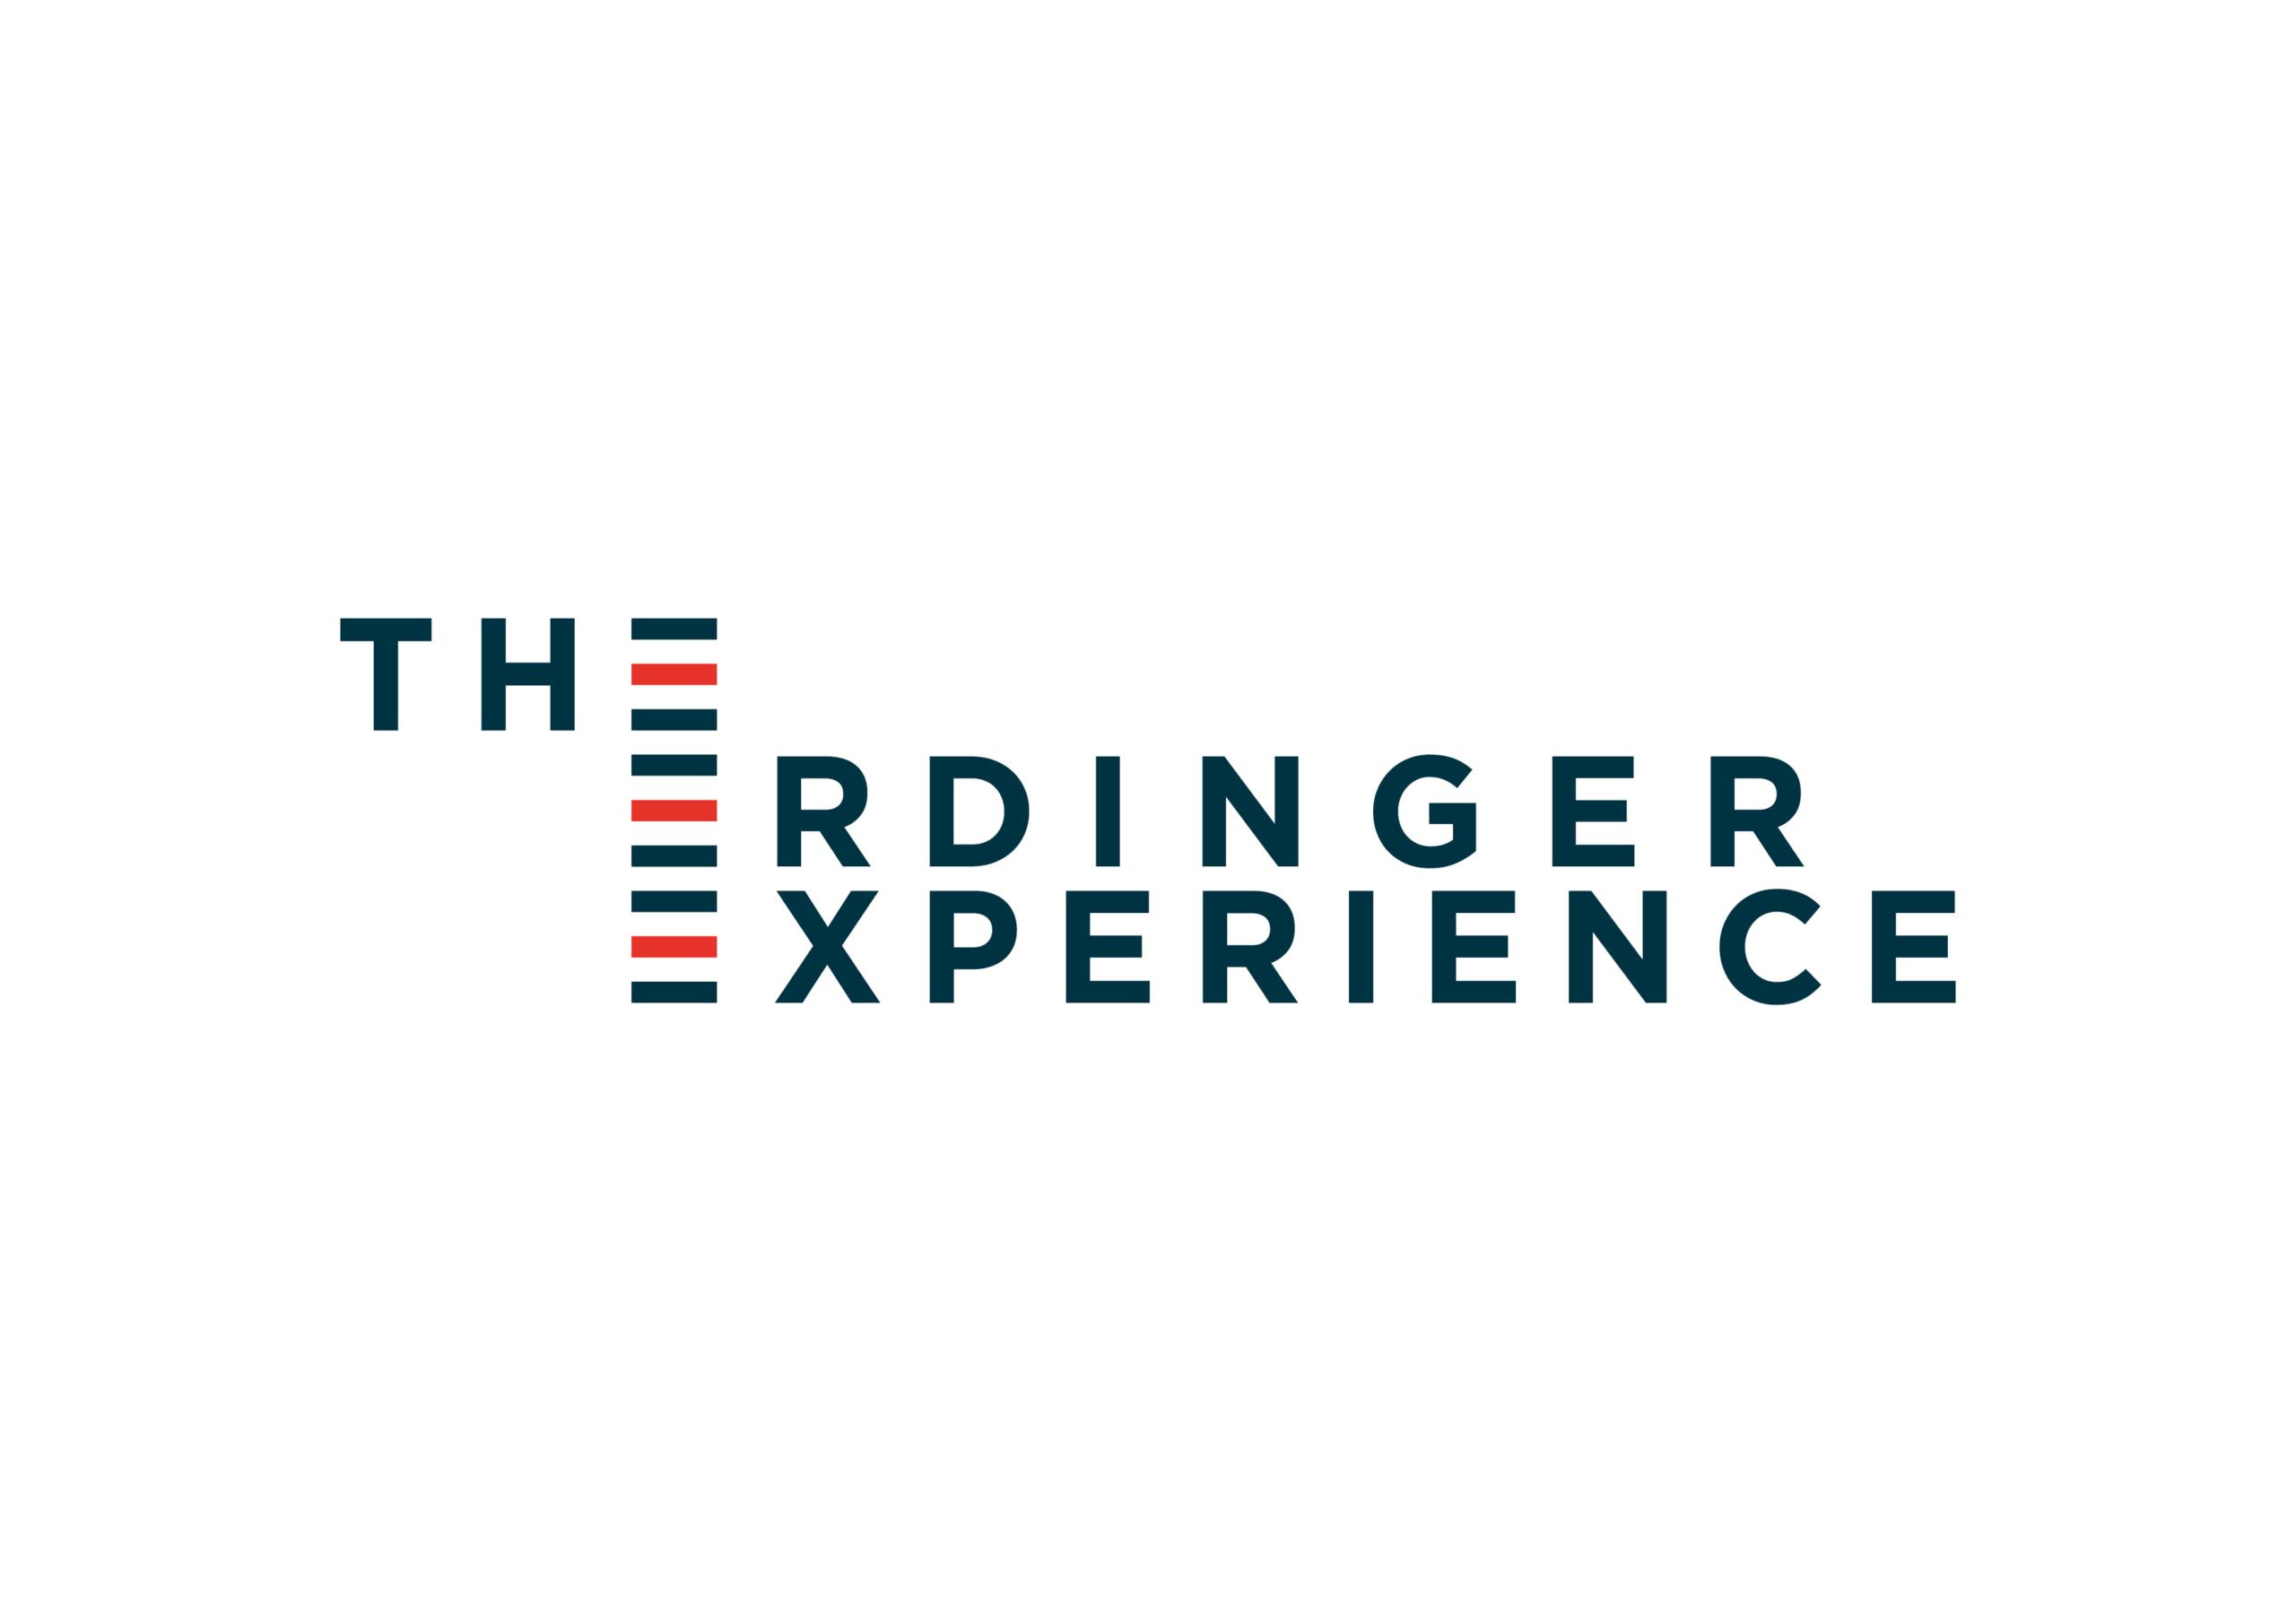 the erdinger experience logo